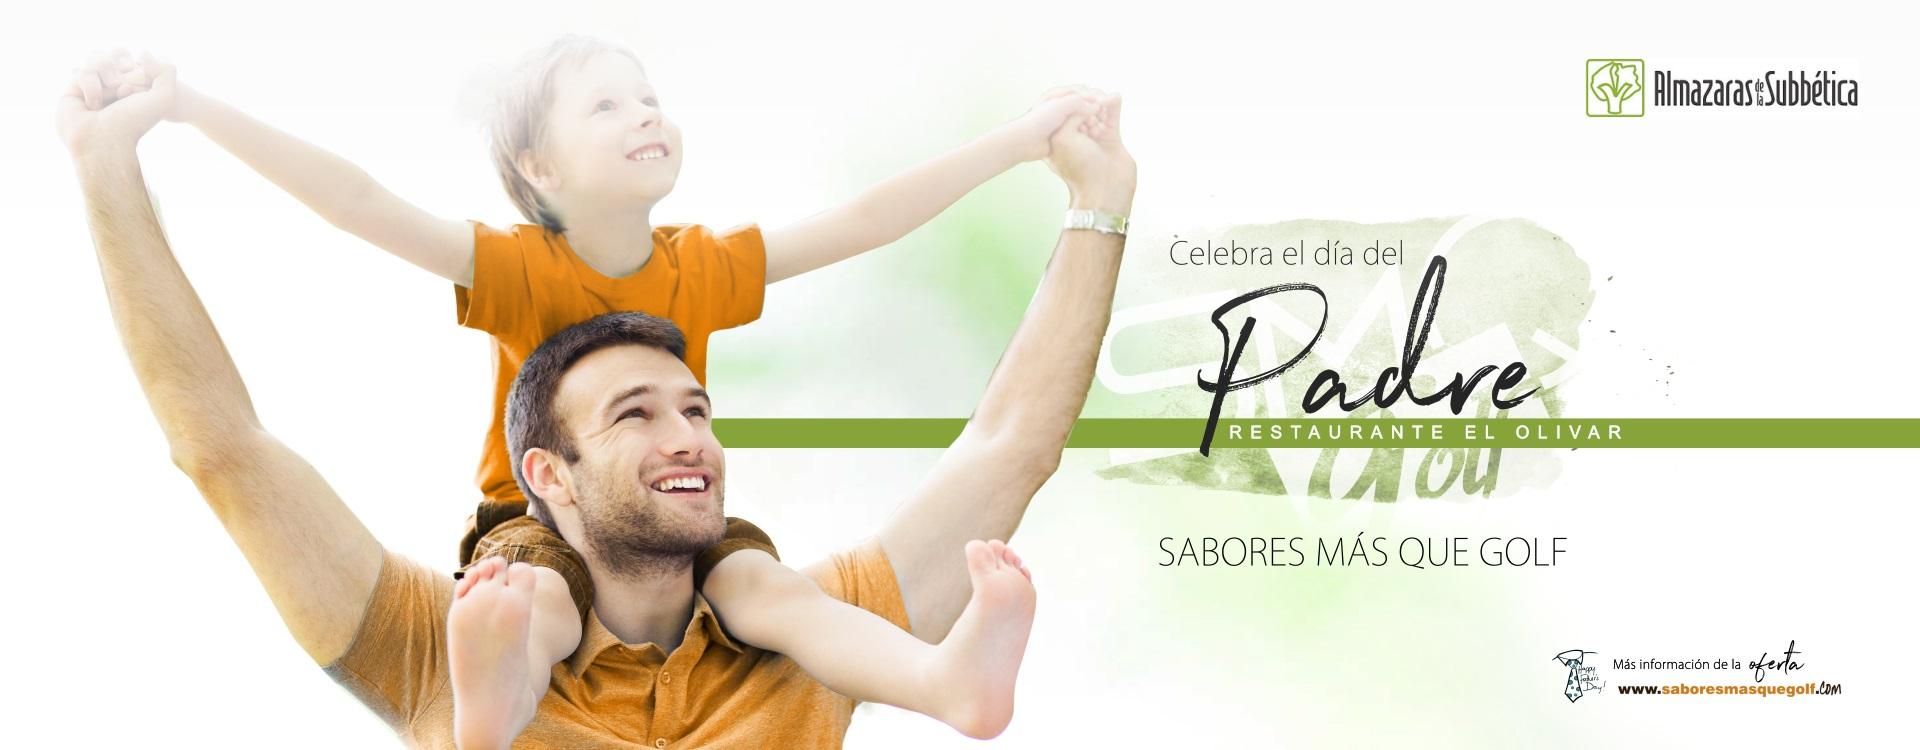 http://saboresmasquegolf.com/wp-content/uploads/2017/03/Dia-del-Padre-Olivar-de-la-Hinojosa-Sabores-mas-que-Golf-1.jpg